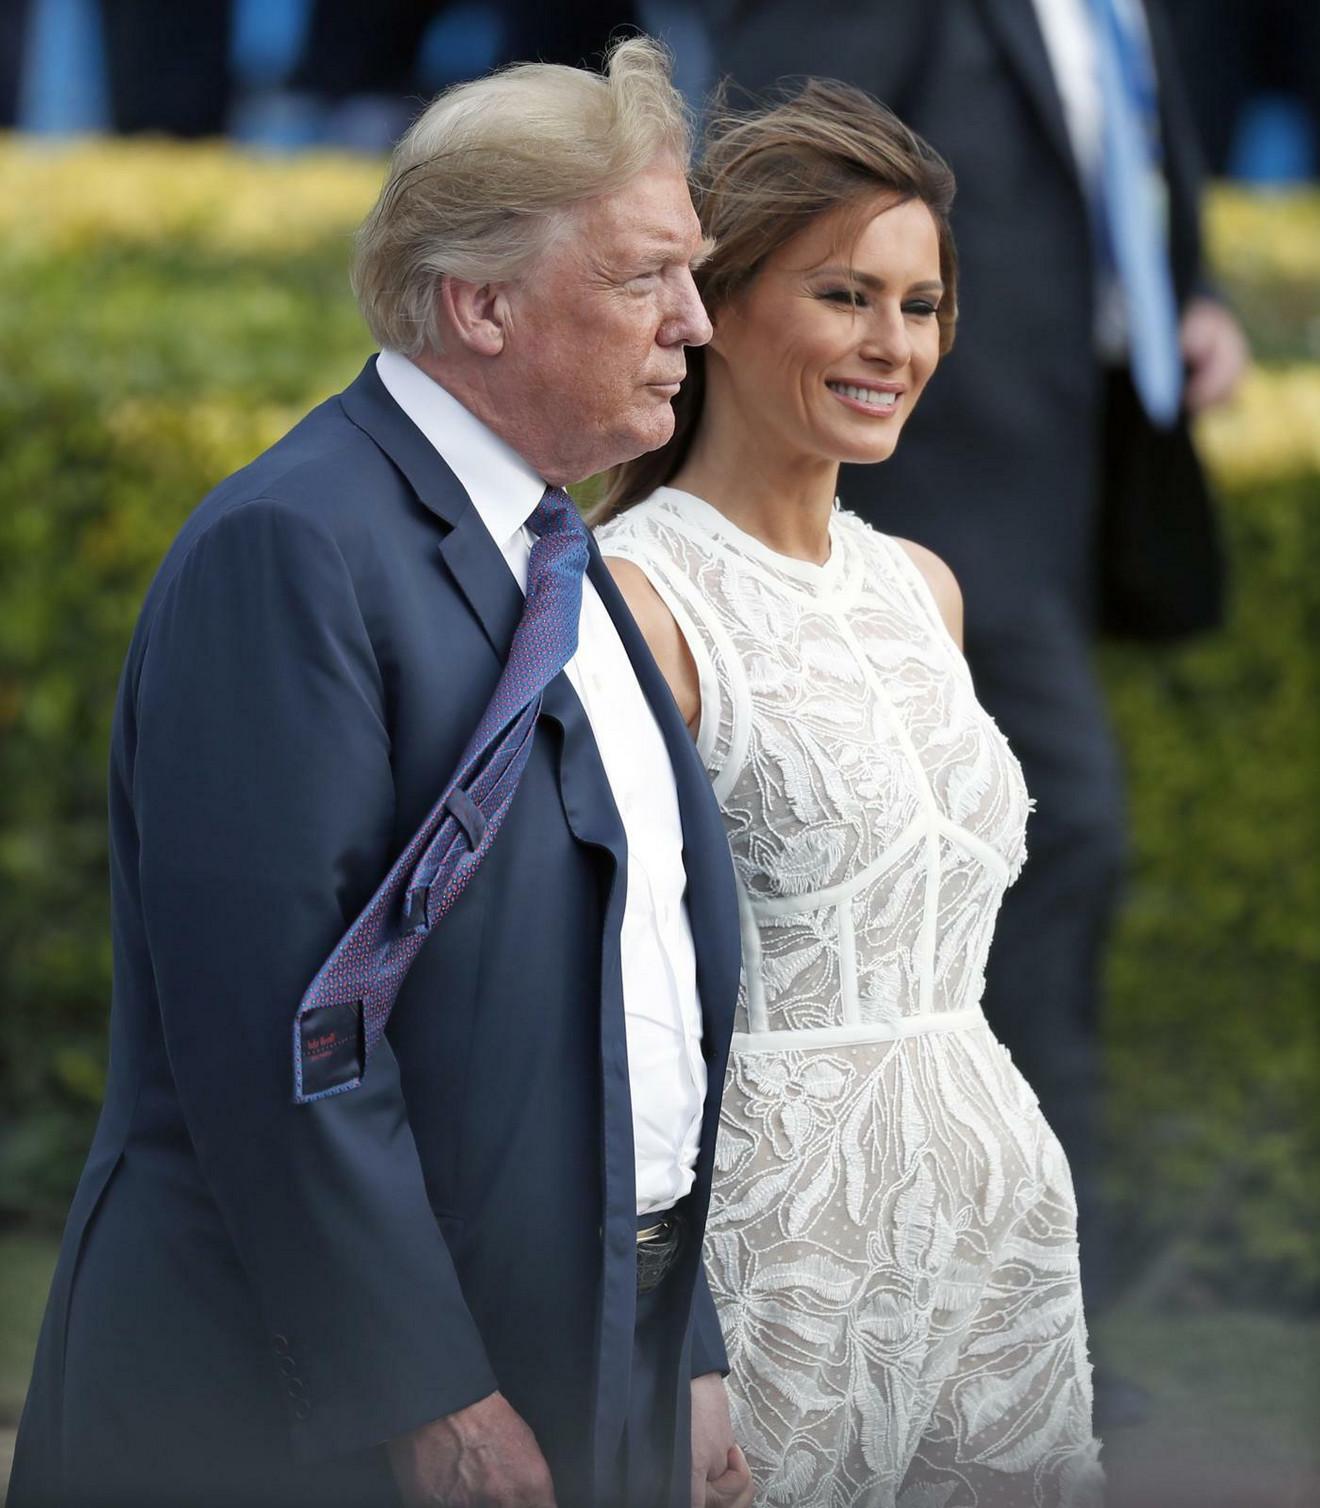 Donaldova kravata